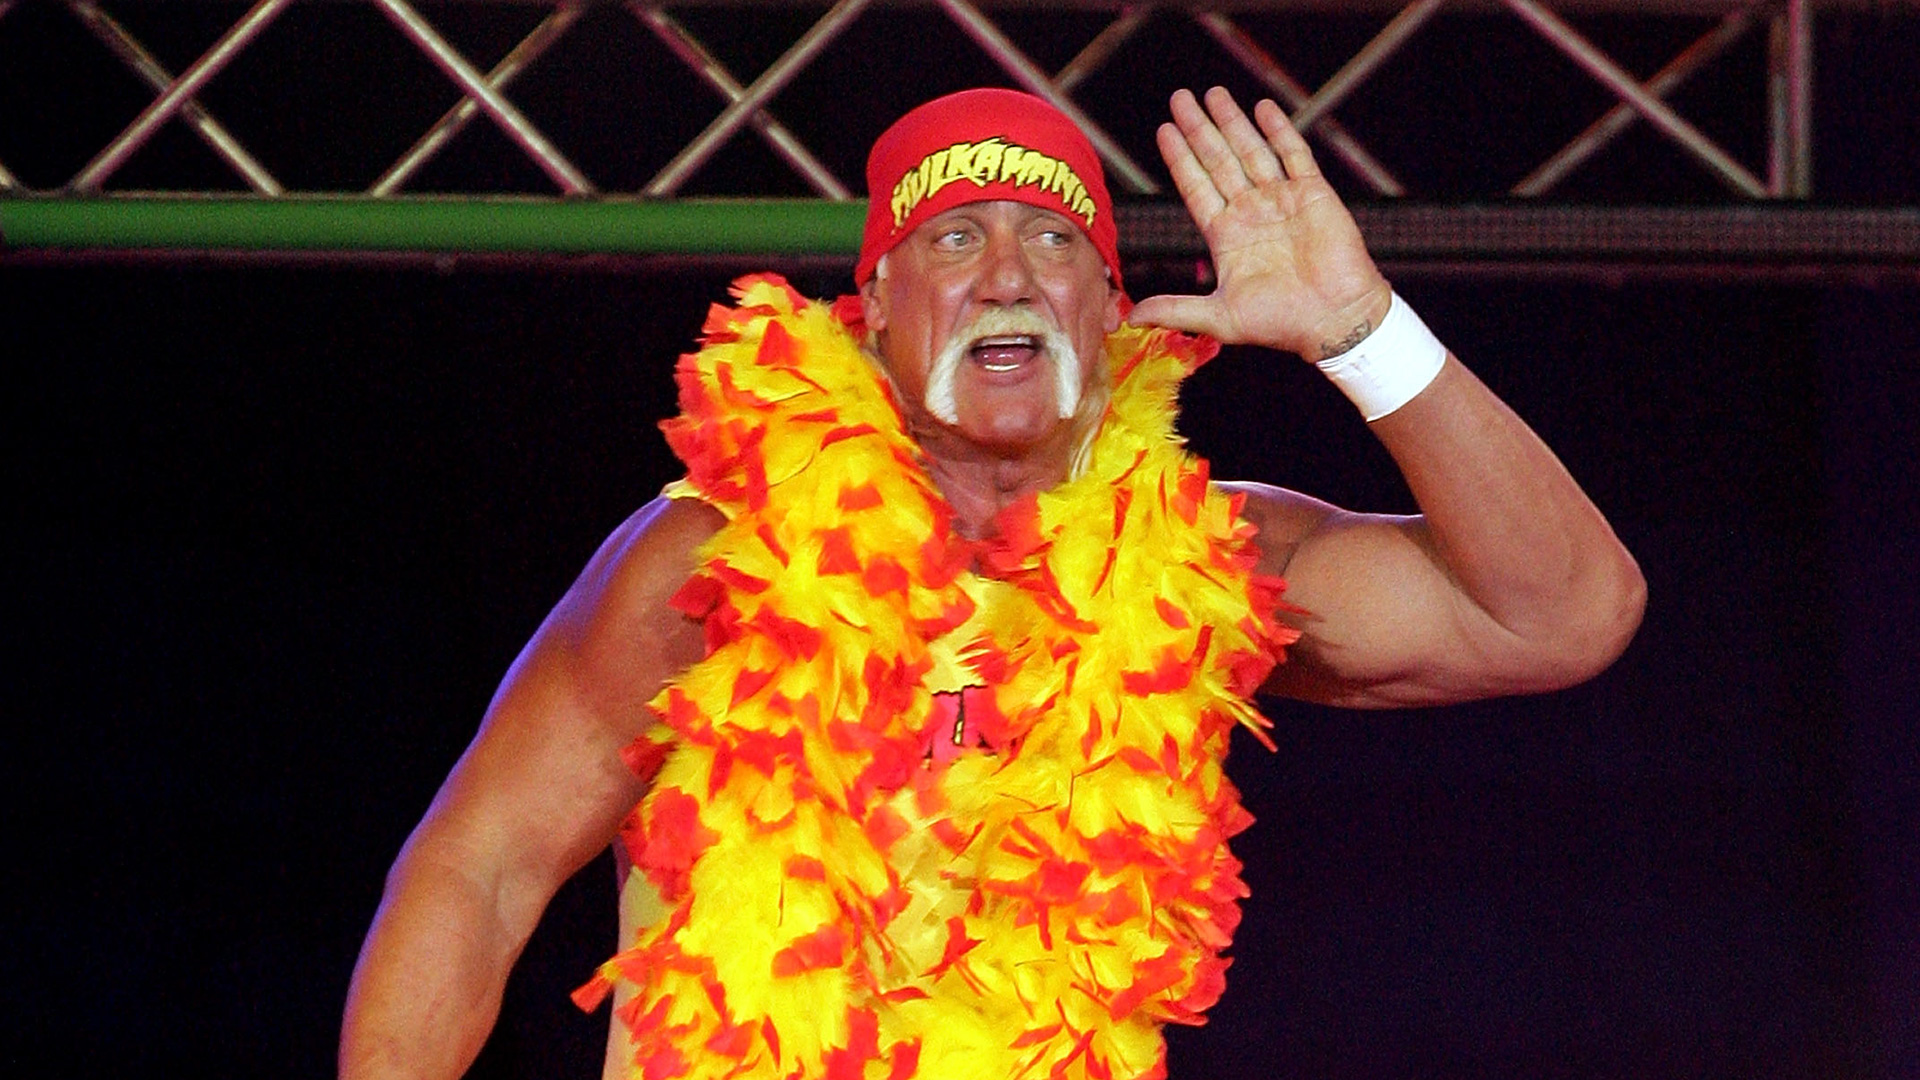 Hulk-Hogan2-030515-GETTY-FTR.jpg